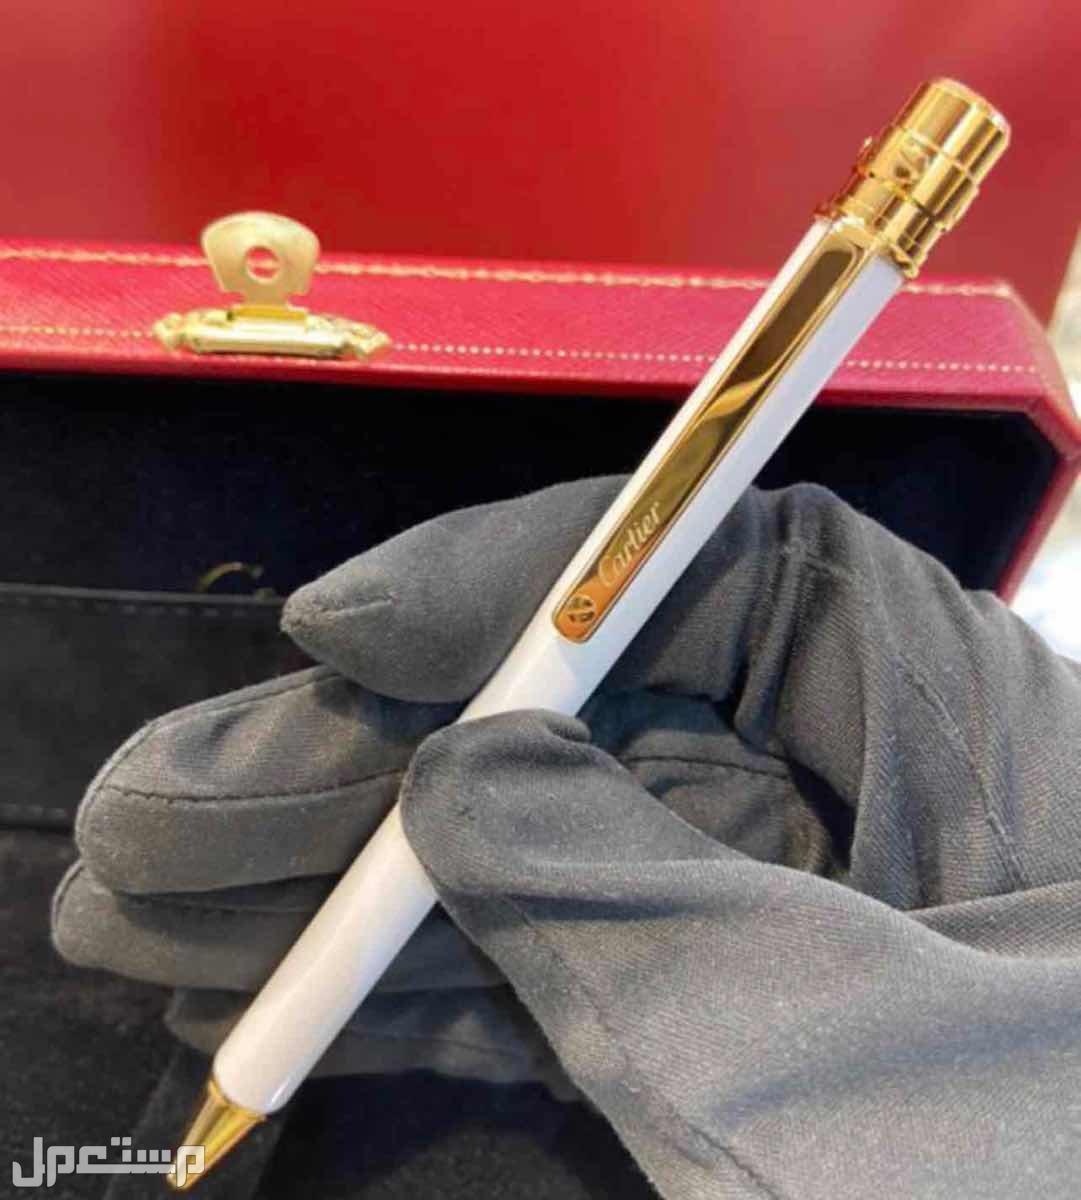 SANTOS DE CARTIER BALLPOINT PEN  SMALL , WHITE , GOLD-FINISH